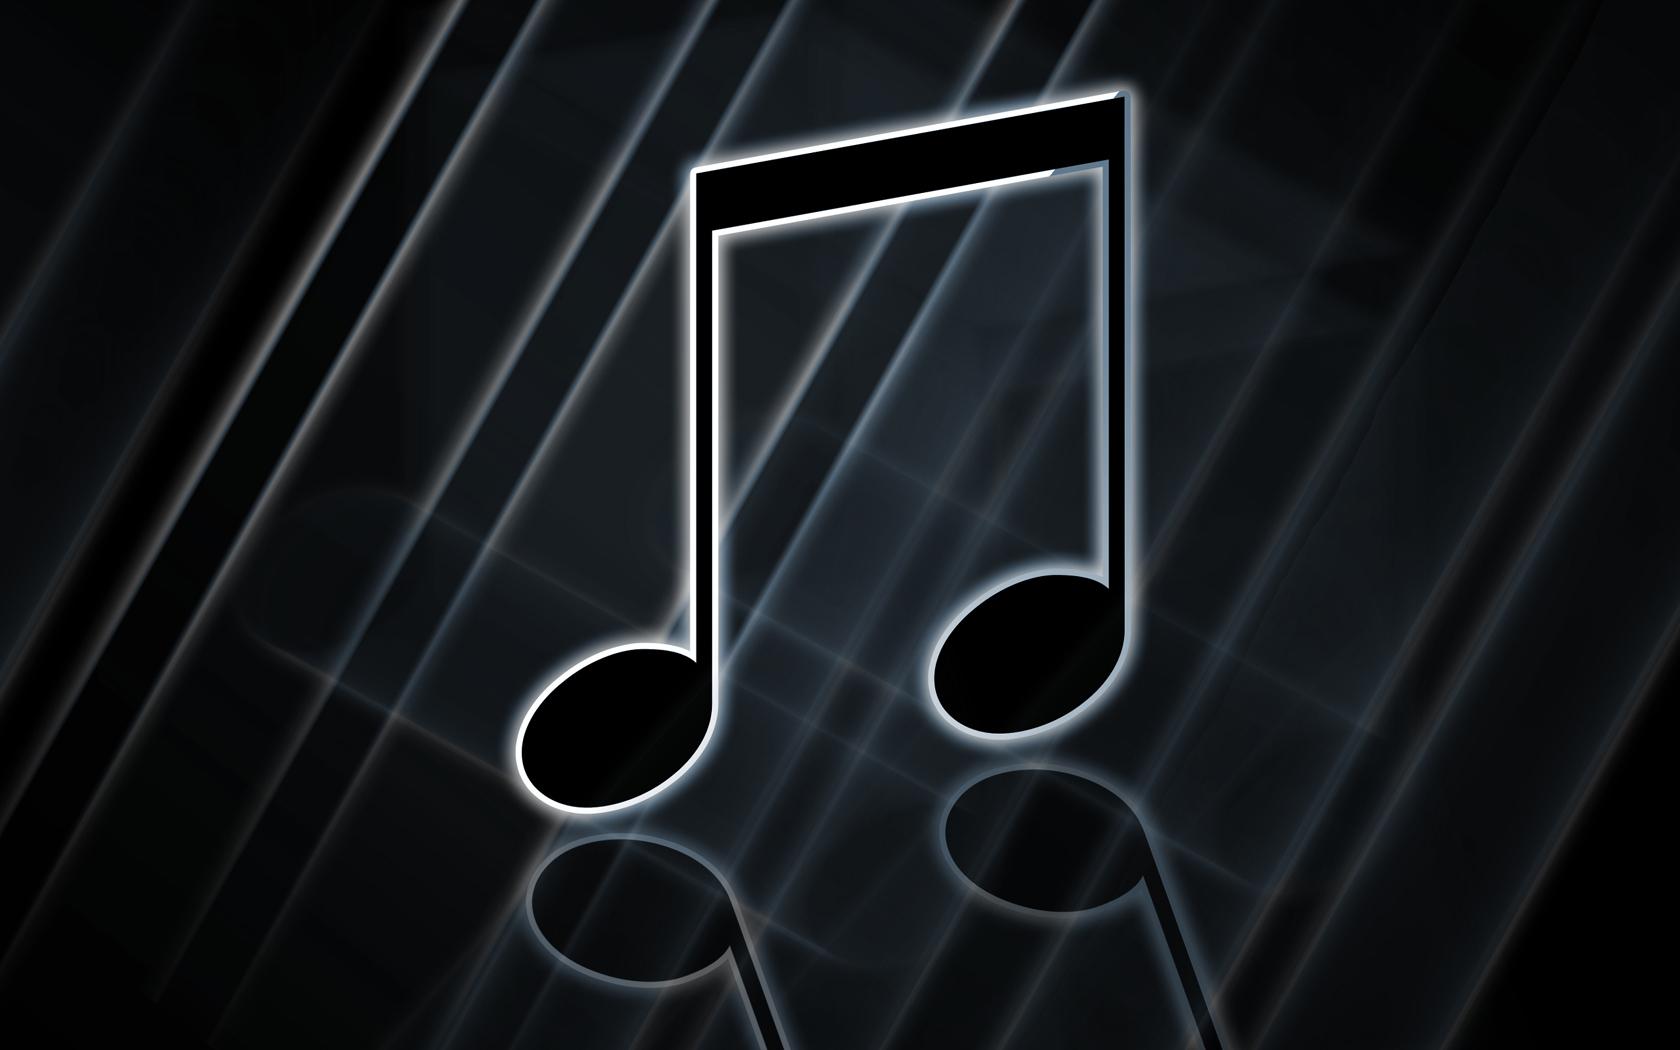 Tune4666415031 - Tune - Tune, abstract